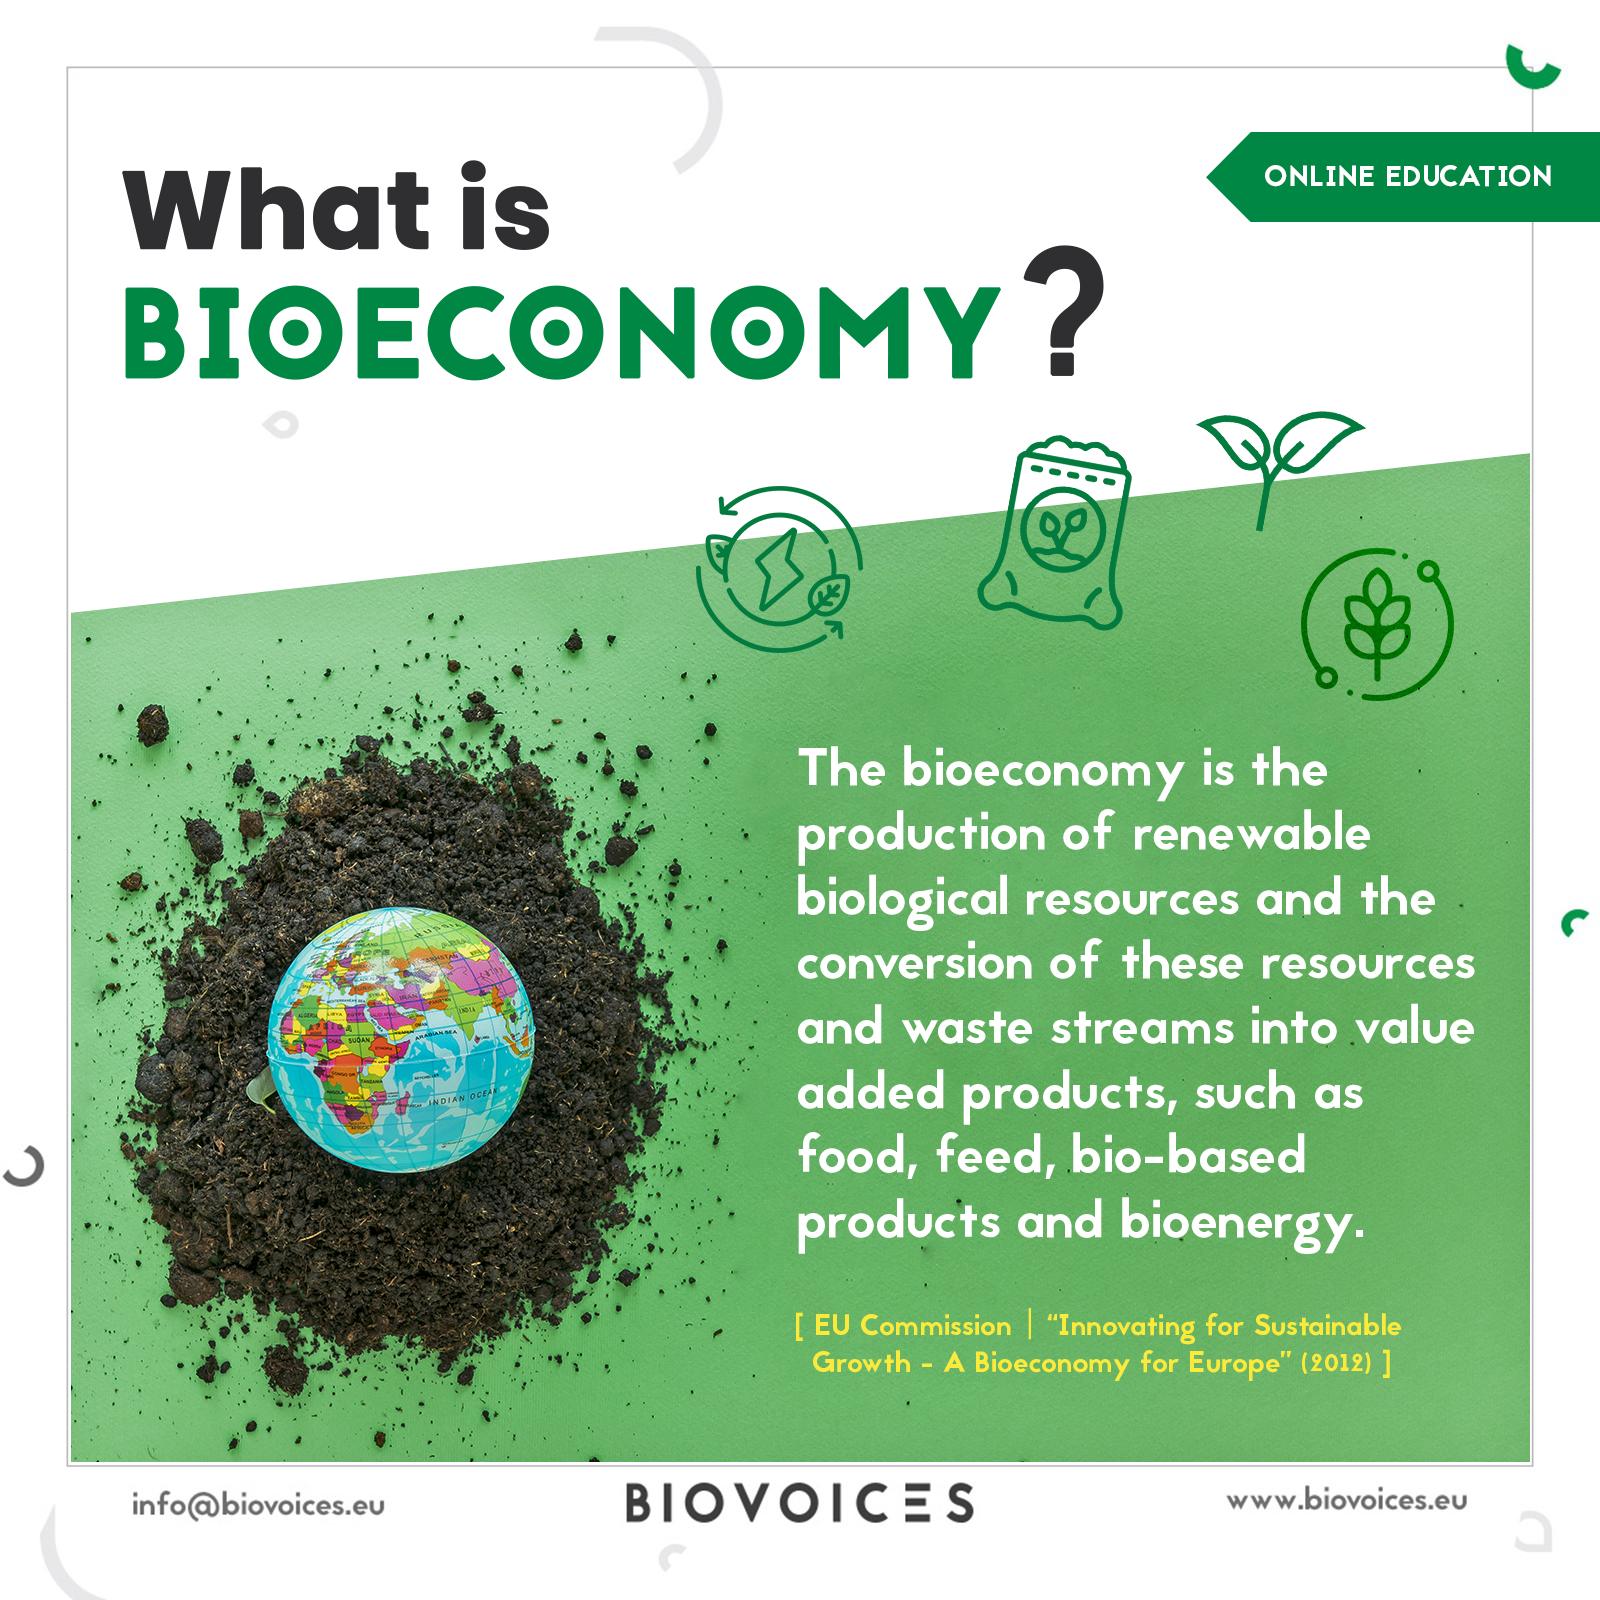 What is bioeconomy?